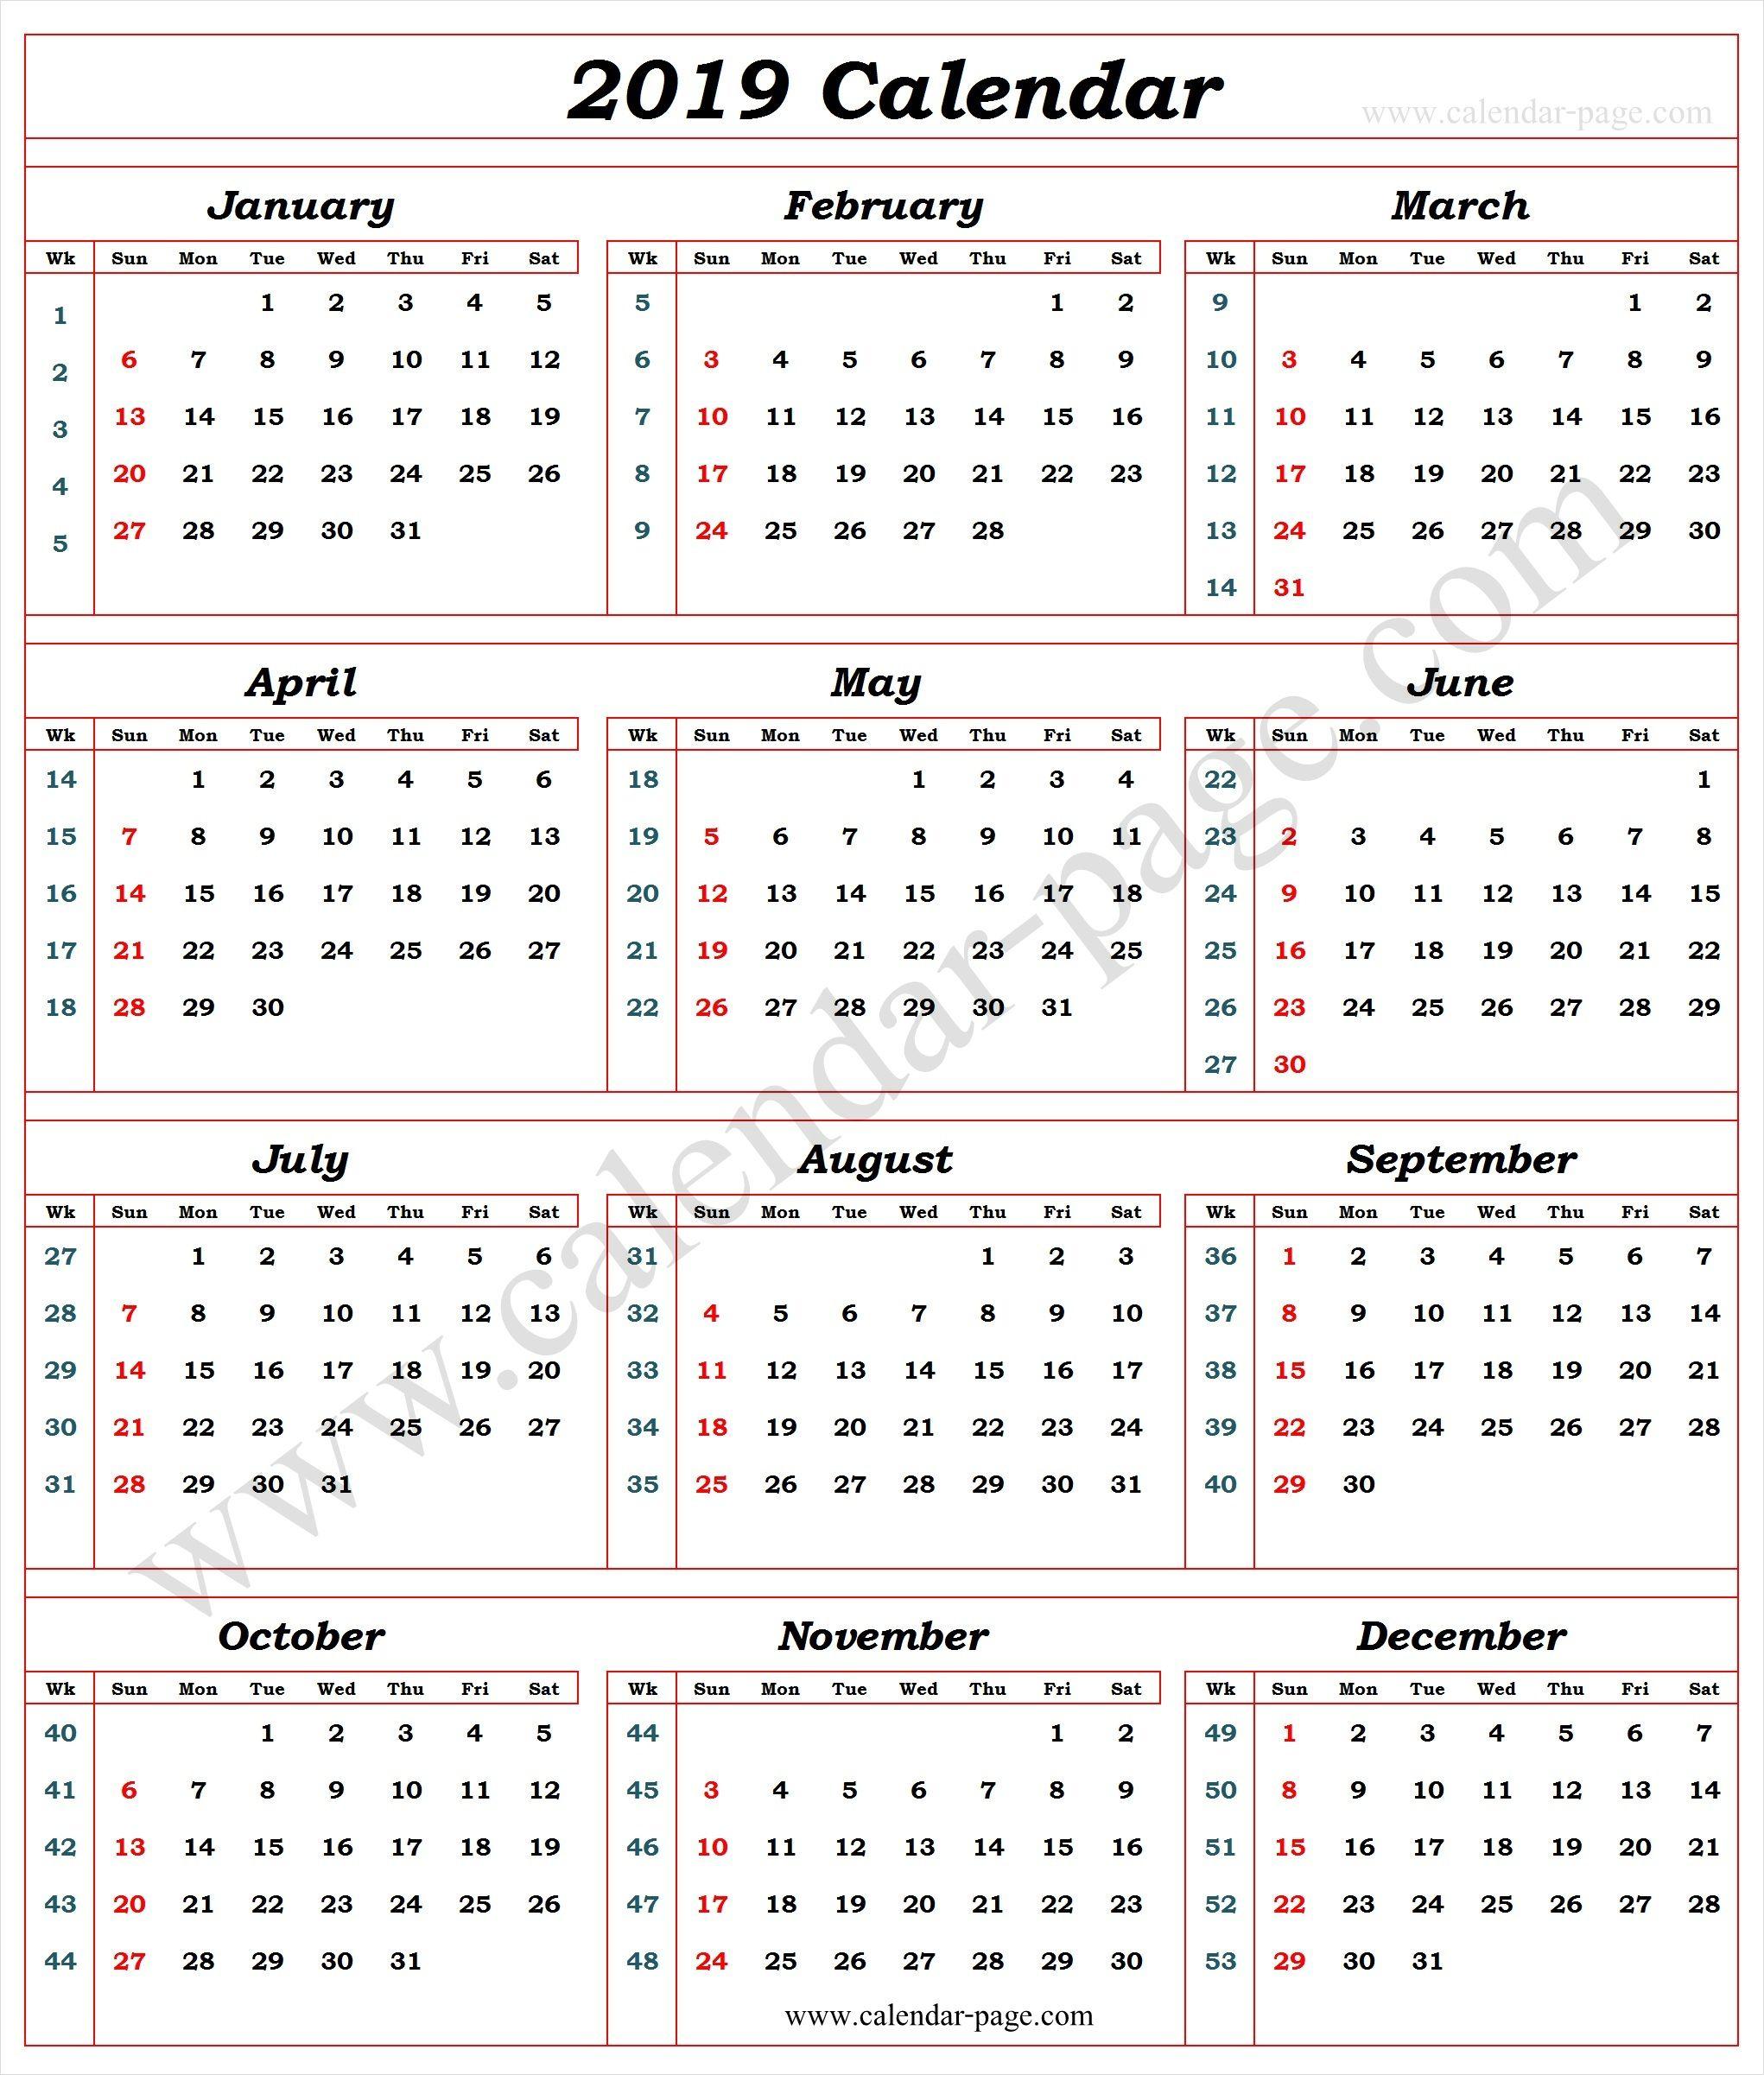 Calendar 2019 With Week Numbers | Calendar With Week Numbers throughout Yearly Week Number Calendar Excel